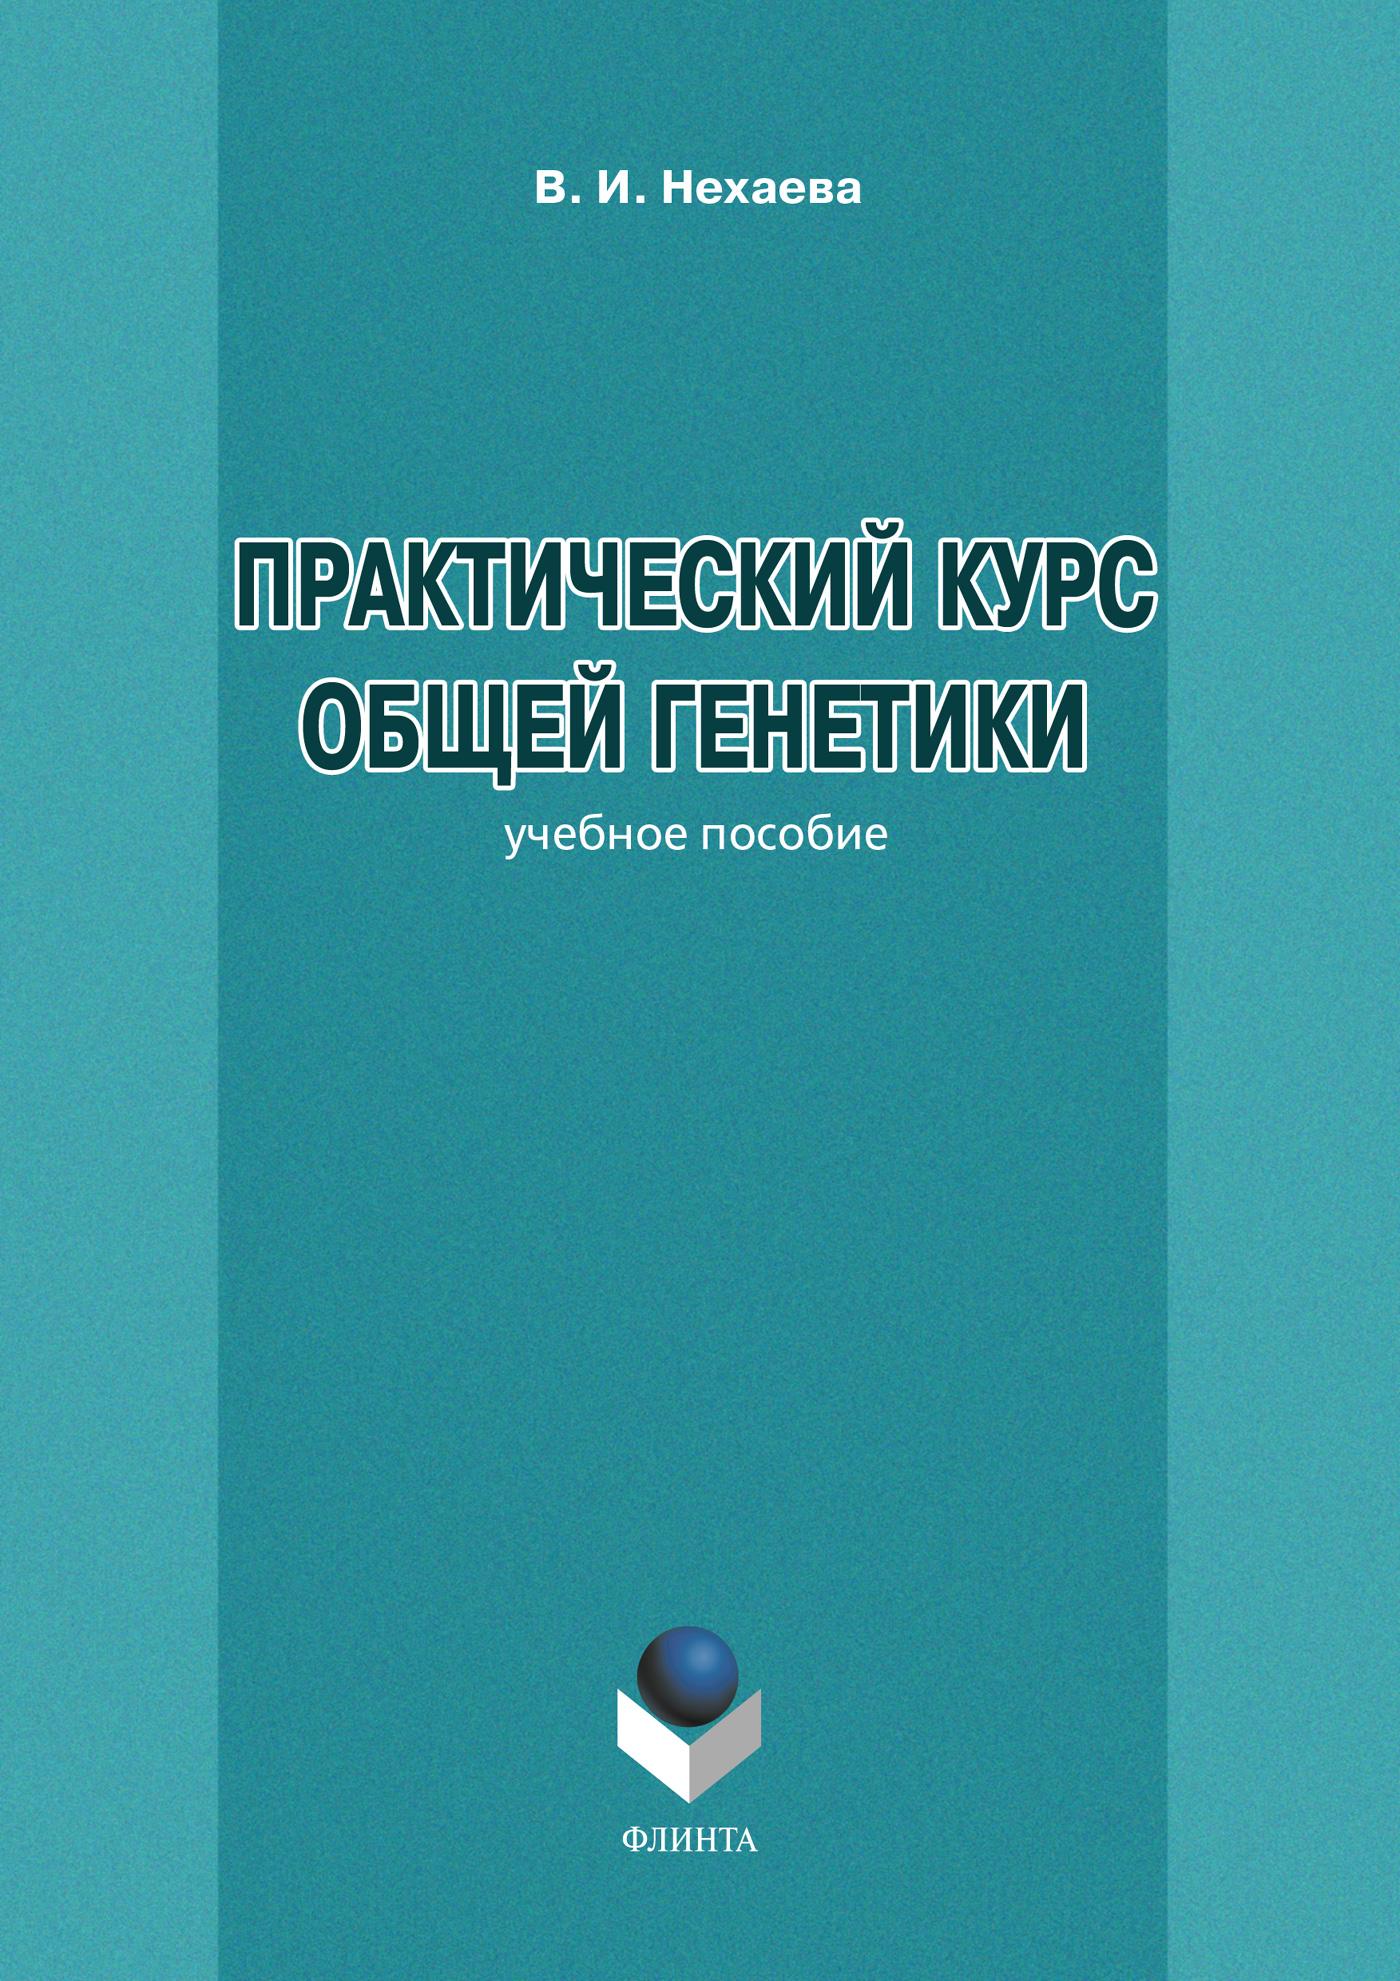 В. И. Нахаева Практический курс общей генетики. Учебное пособие